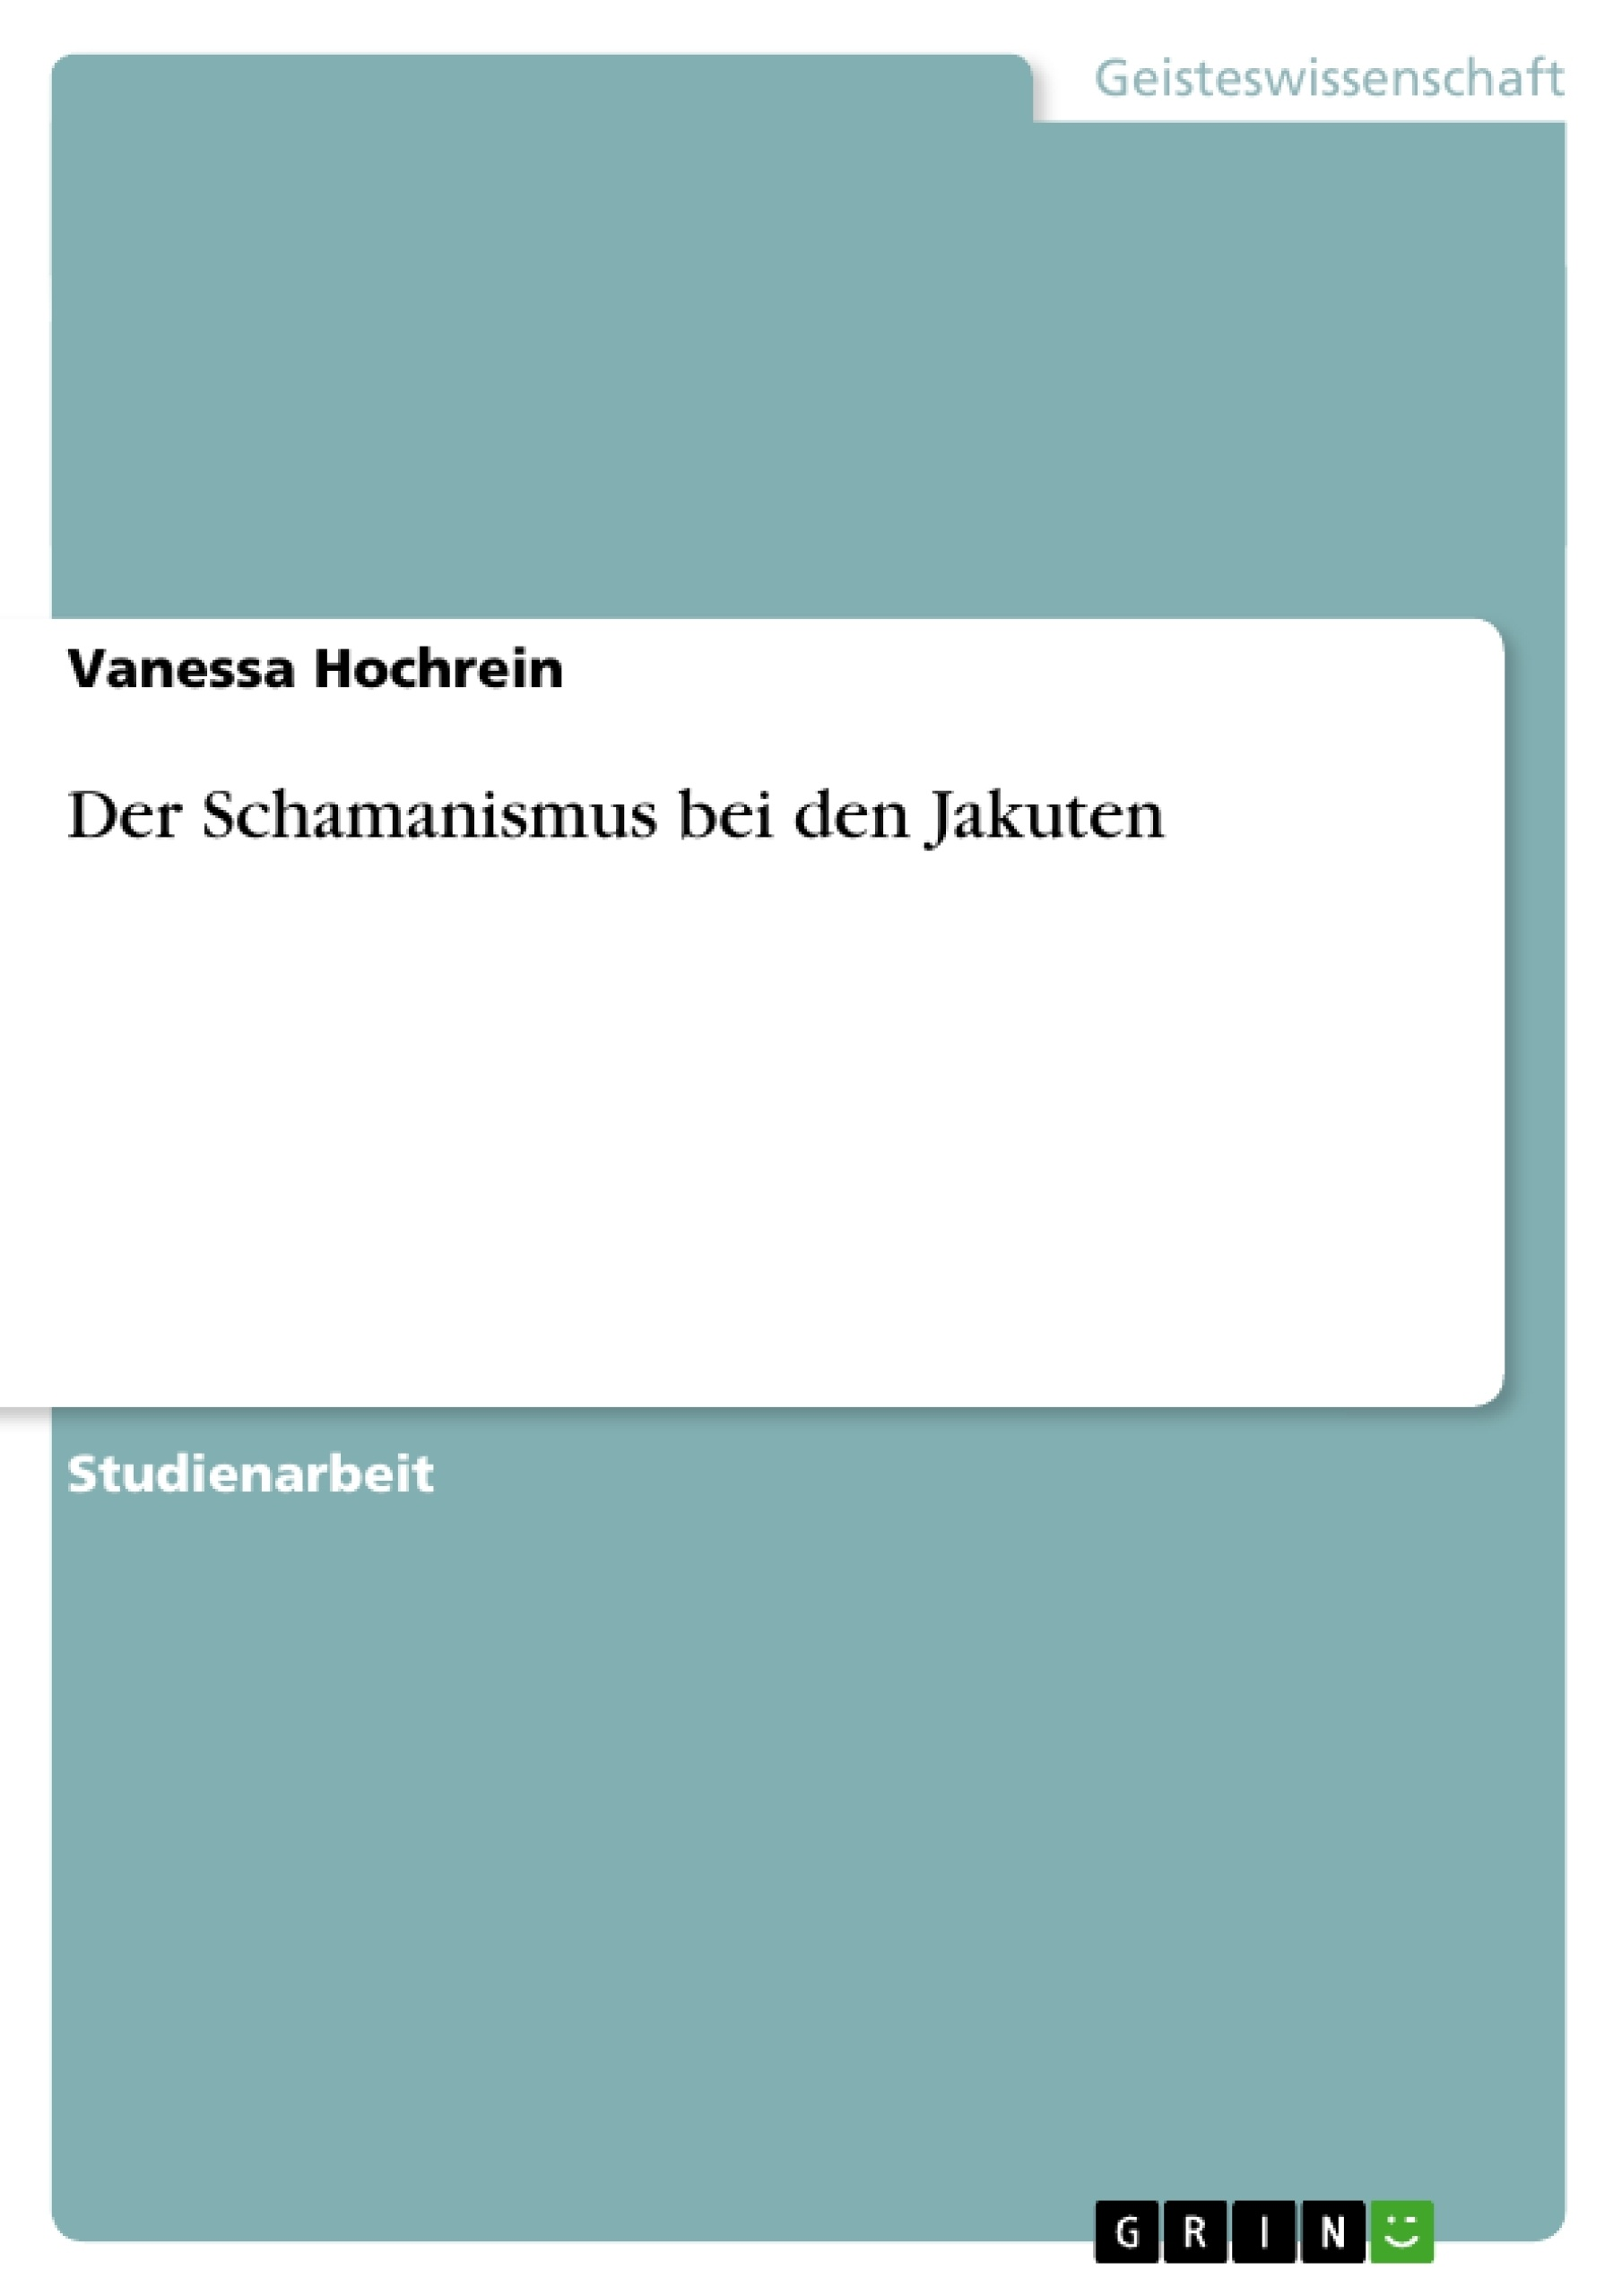 Titel: Der Schamanismus bei den Jakuten